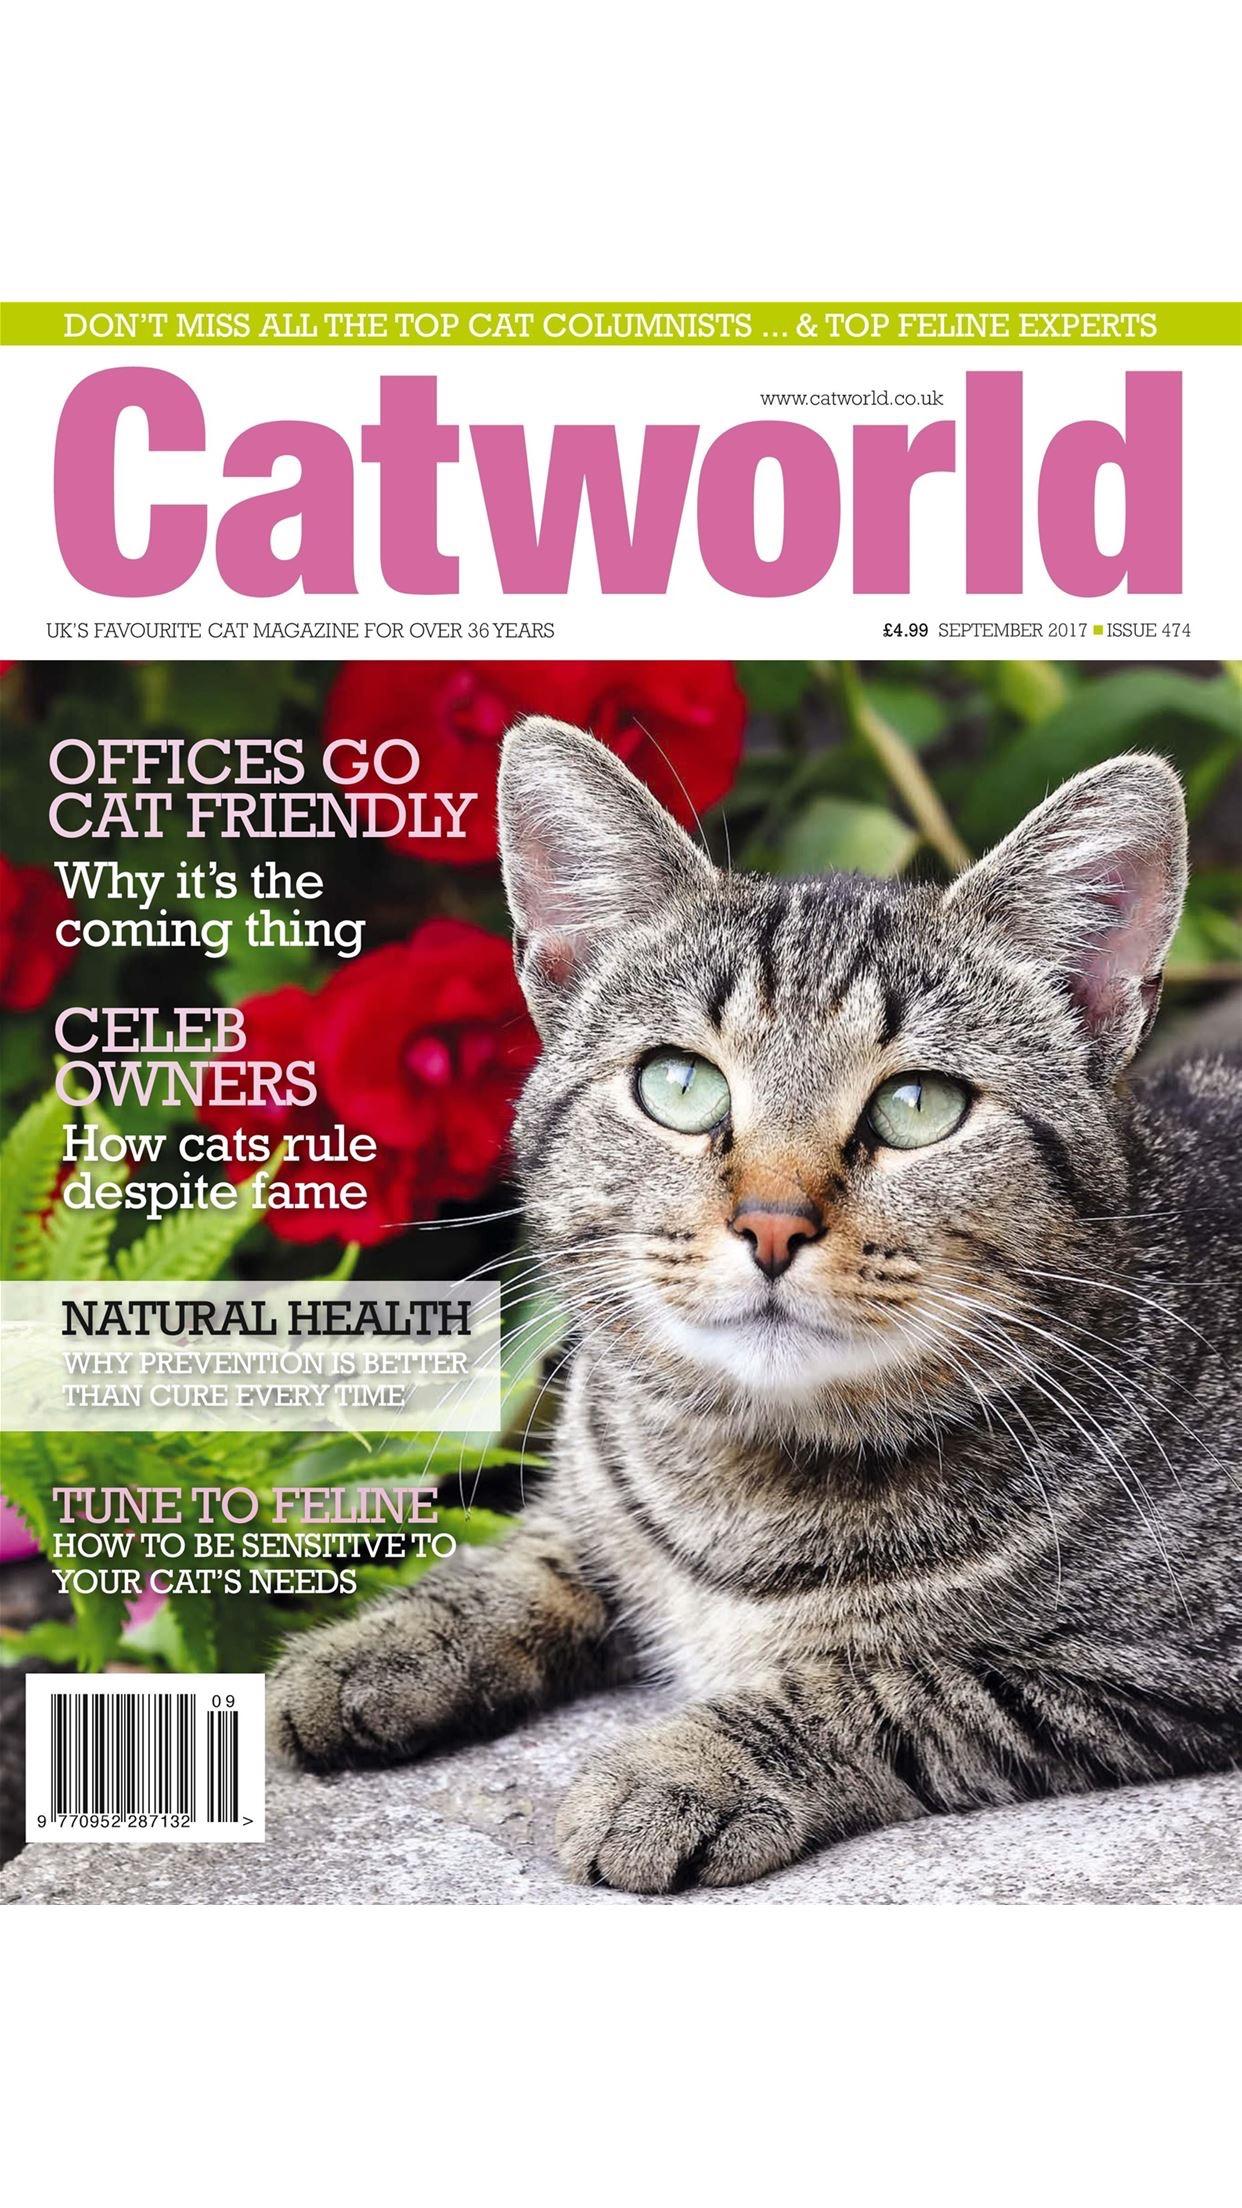 Catworld Magazine - Cat World is the UK's favourite cat magazine Screenshot